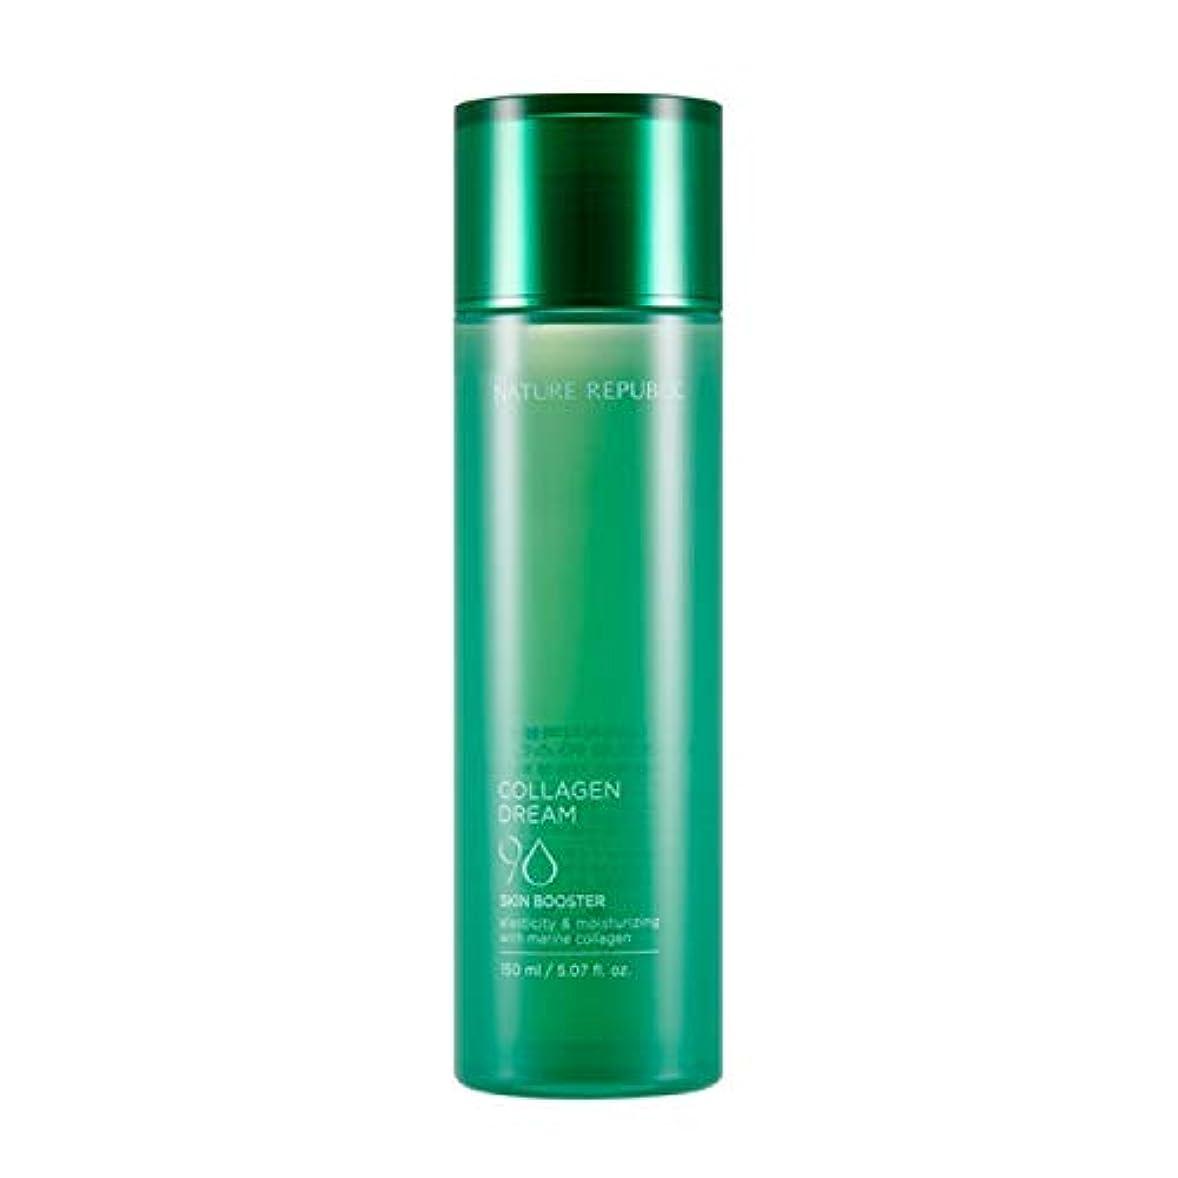 駅隔離ストライプネイチャーリパブリック(Nature Republic)コラーゲンドリーム90スキンブースター / Collagen Dream 90 Skin Booster 150ml :: 韓国コスメ [並行輸入品]